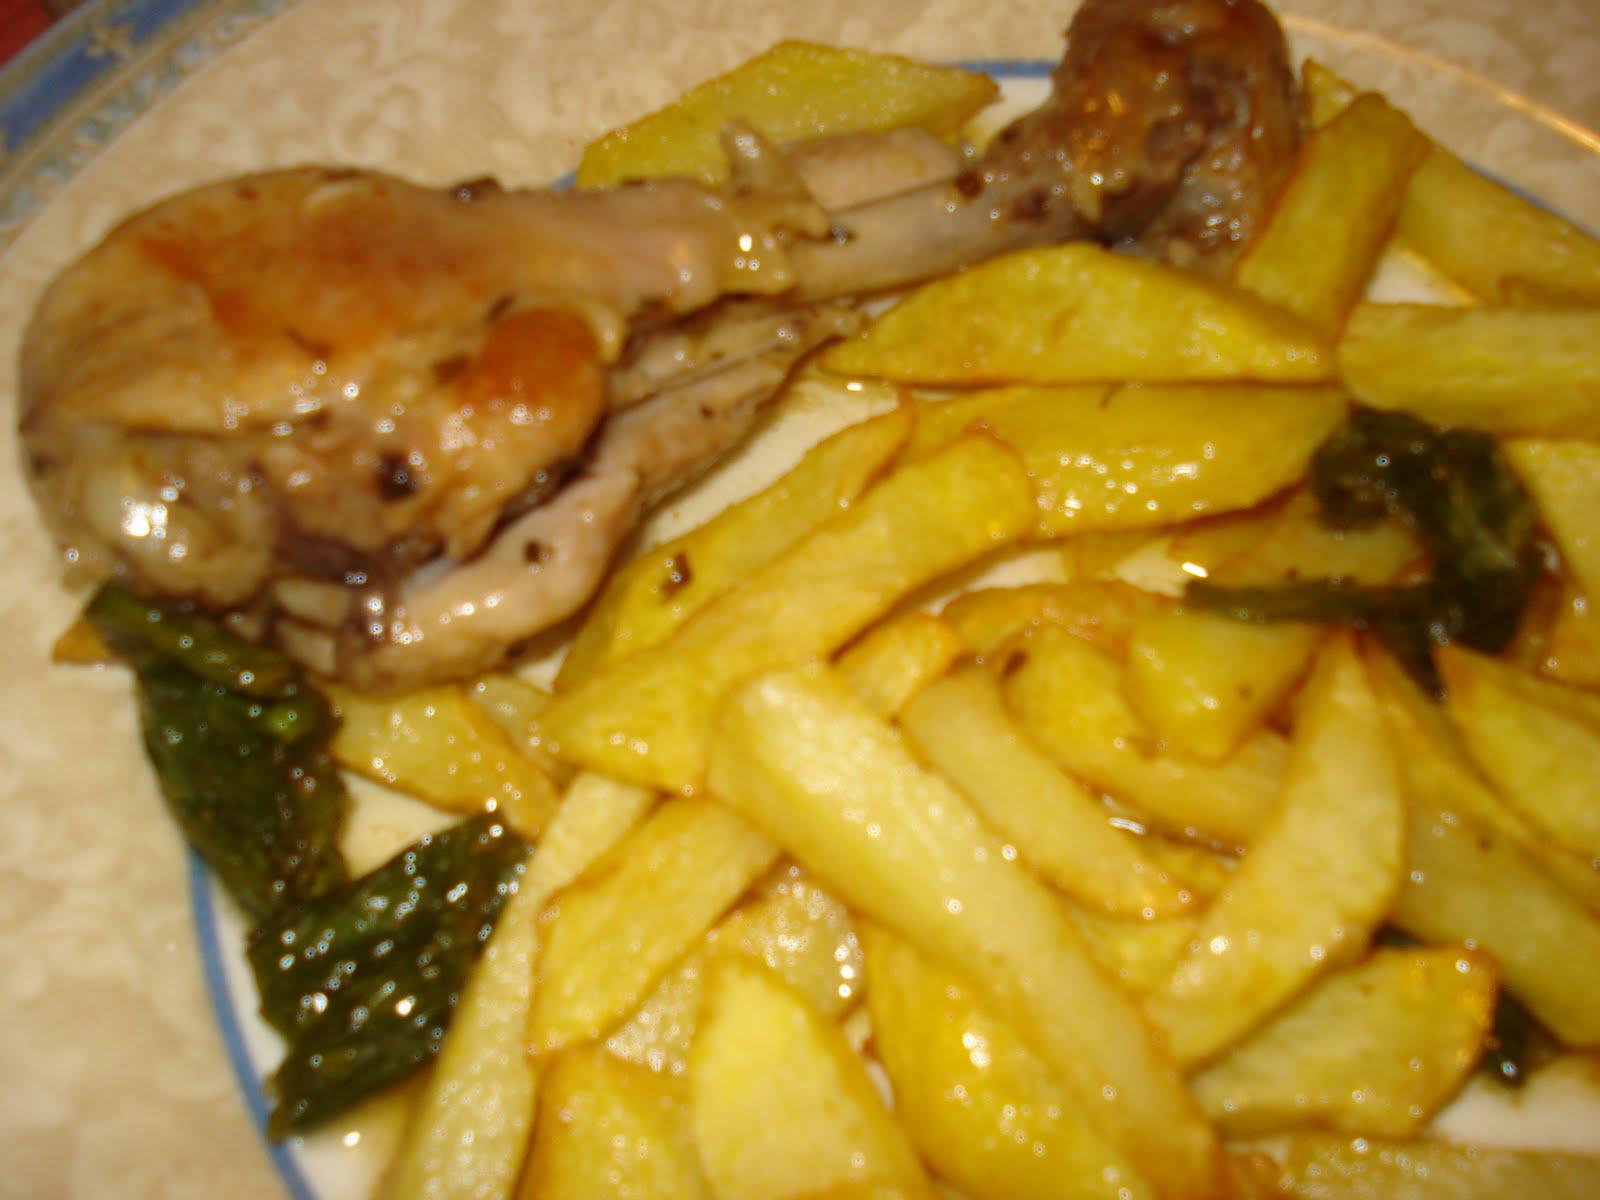 Menu del dia muslitos de pollo al ajillo fussion cook - Muslitos de pollo ...